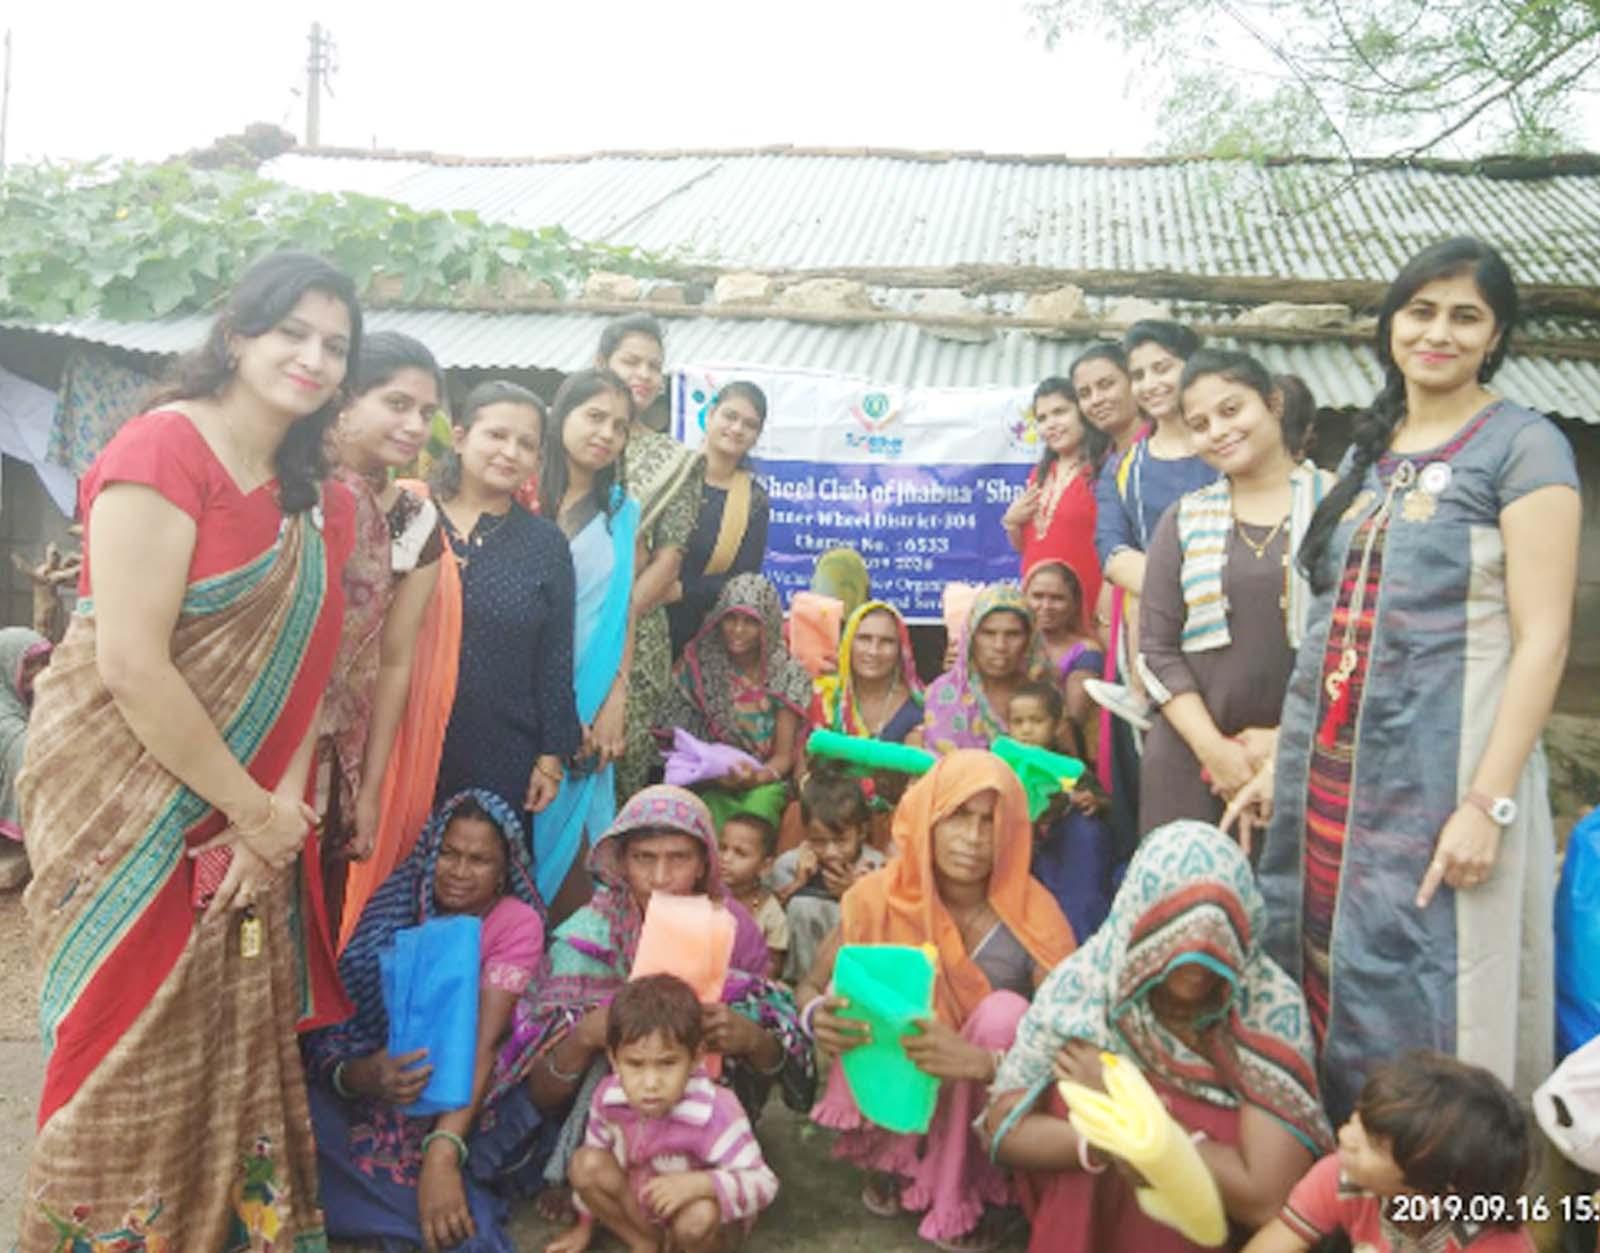 Jhabua News-इनरव्हील क्लब ऑफ  झाबुआ शक्ति ने गोद लिए गांव बाड़कुआं में मच्छरदानियों का किया वितरण